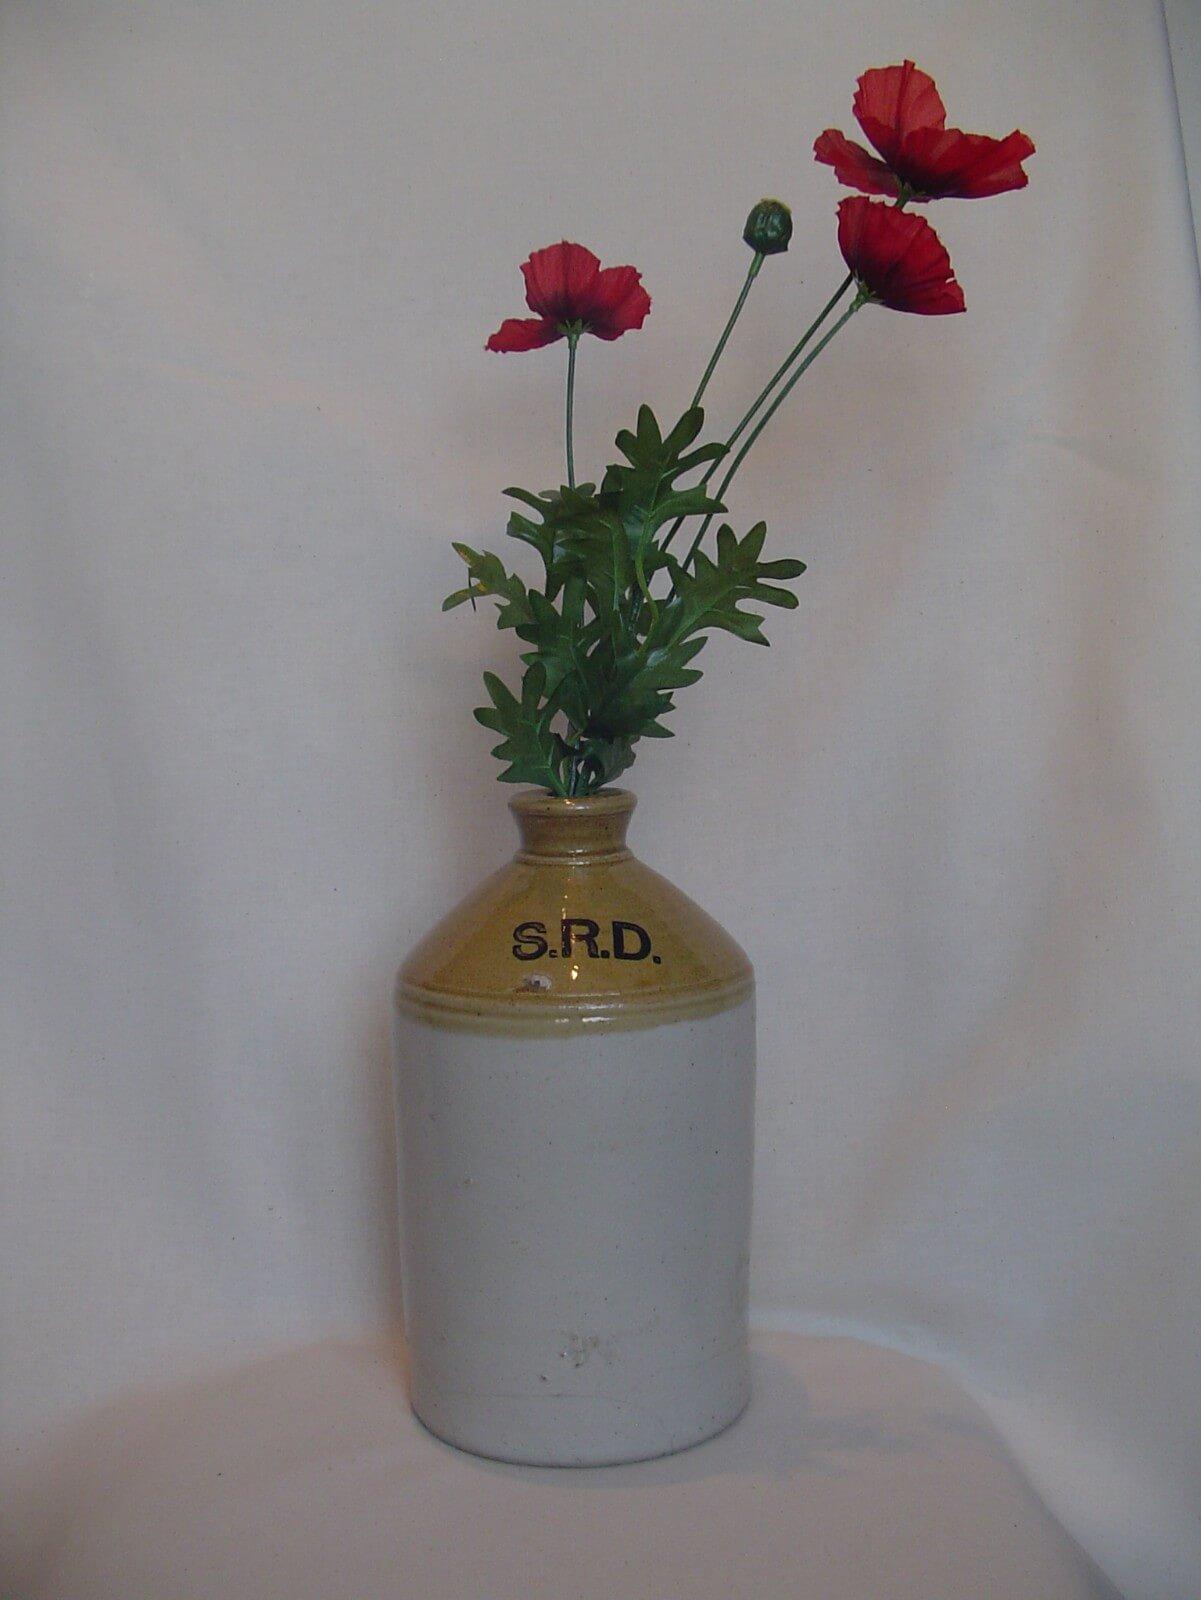 Britse rum jar S.R.D. wo1 eerste wereldoorlog